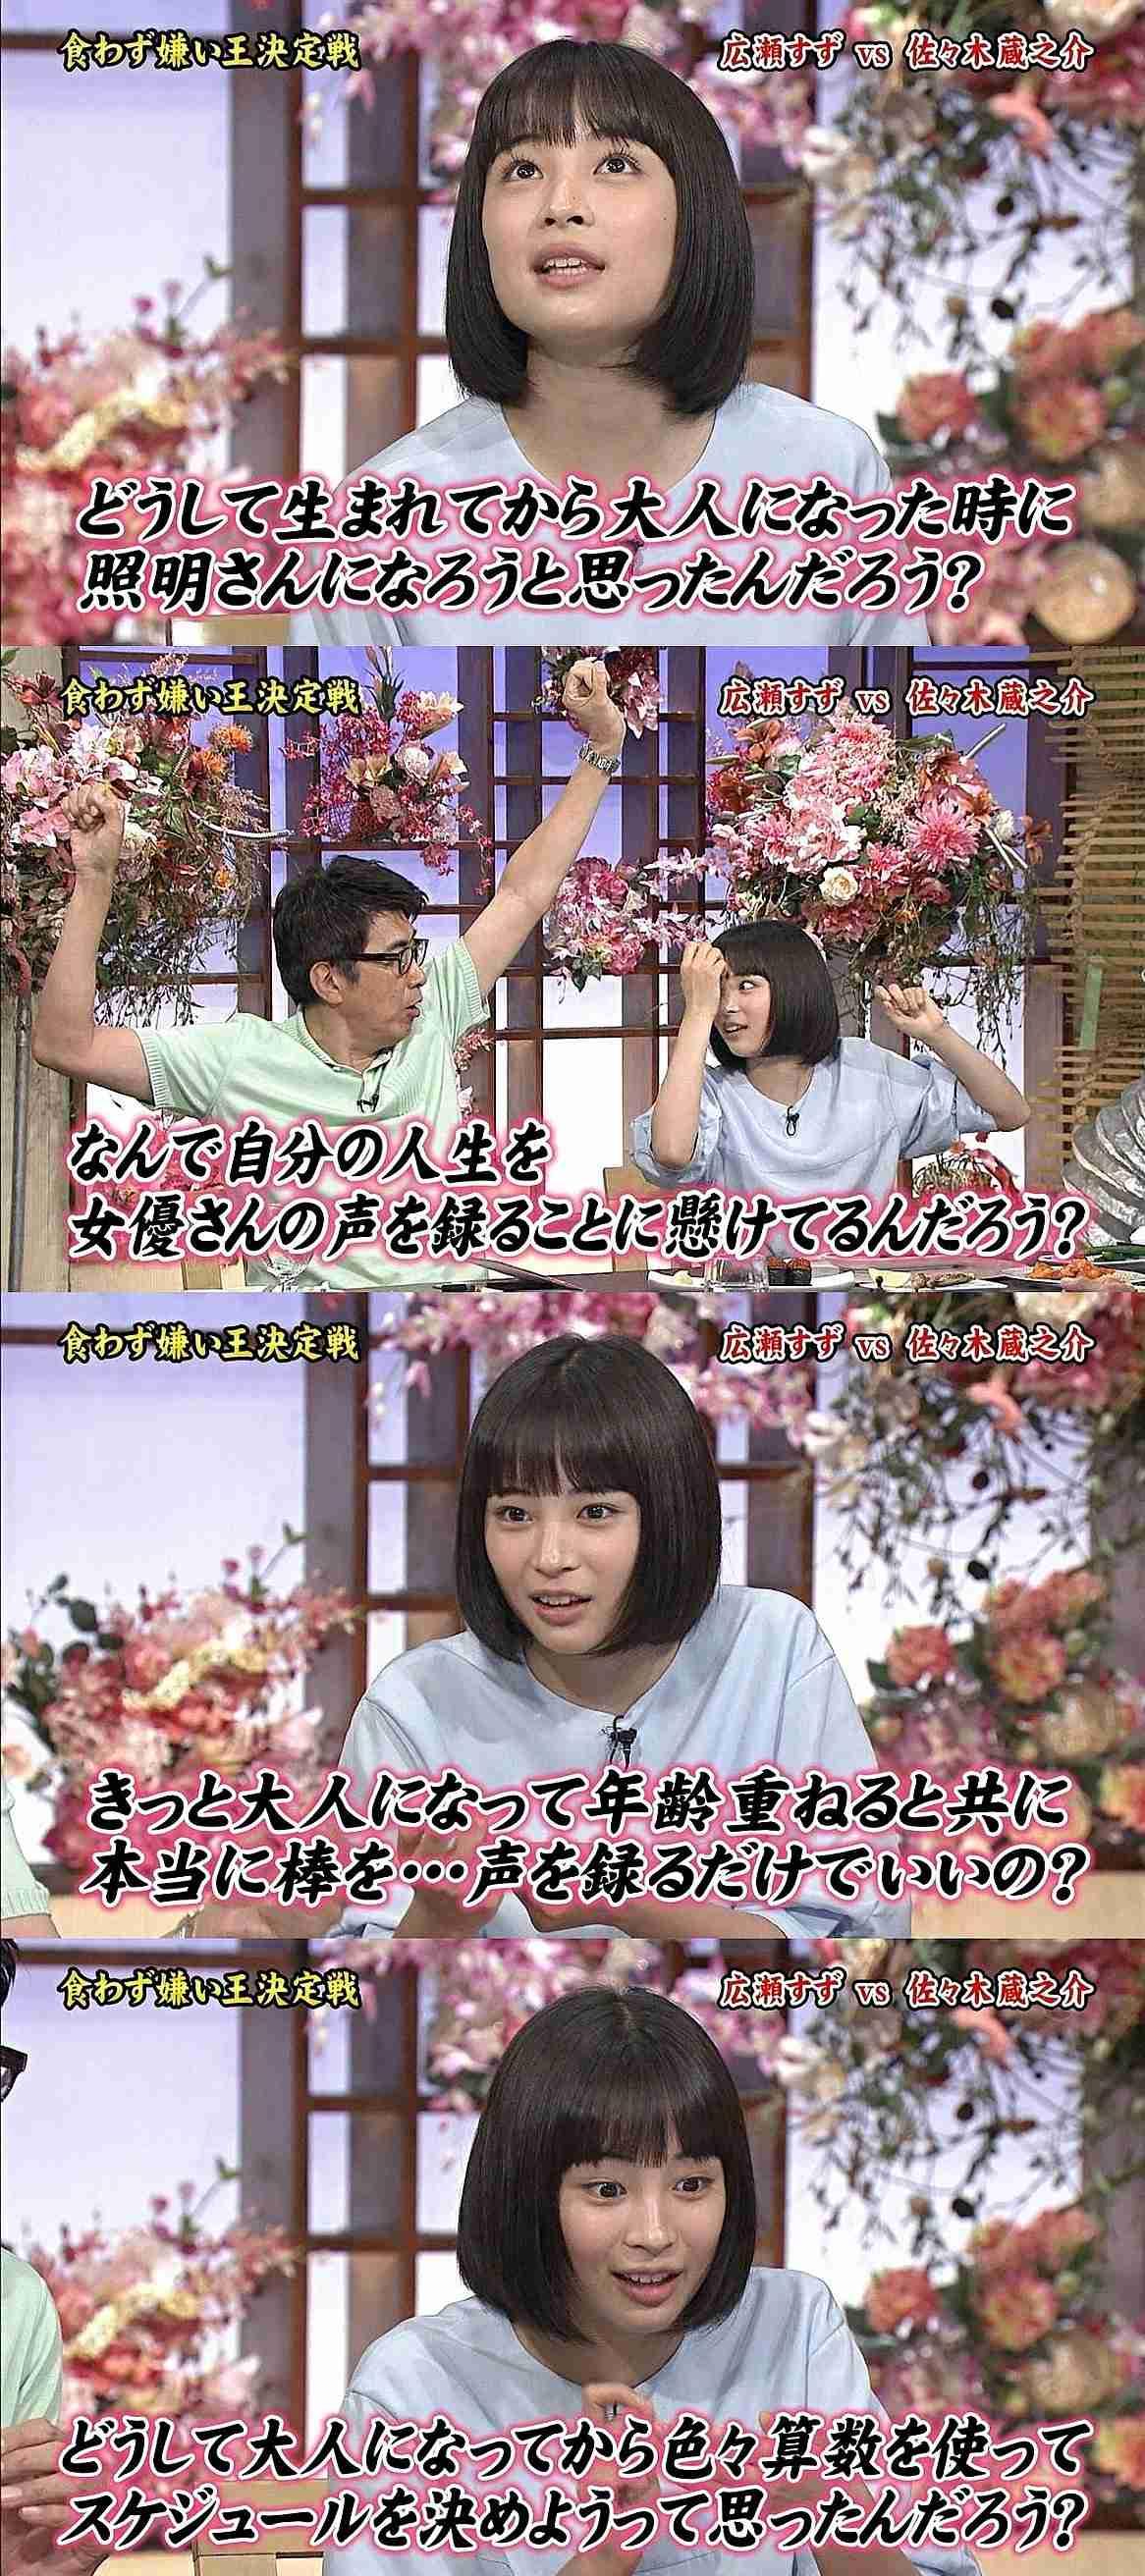 関係者が衝撃暴露「扱いづらい、鼻につく女優2人」!広瀬すずは評判よいことが判明